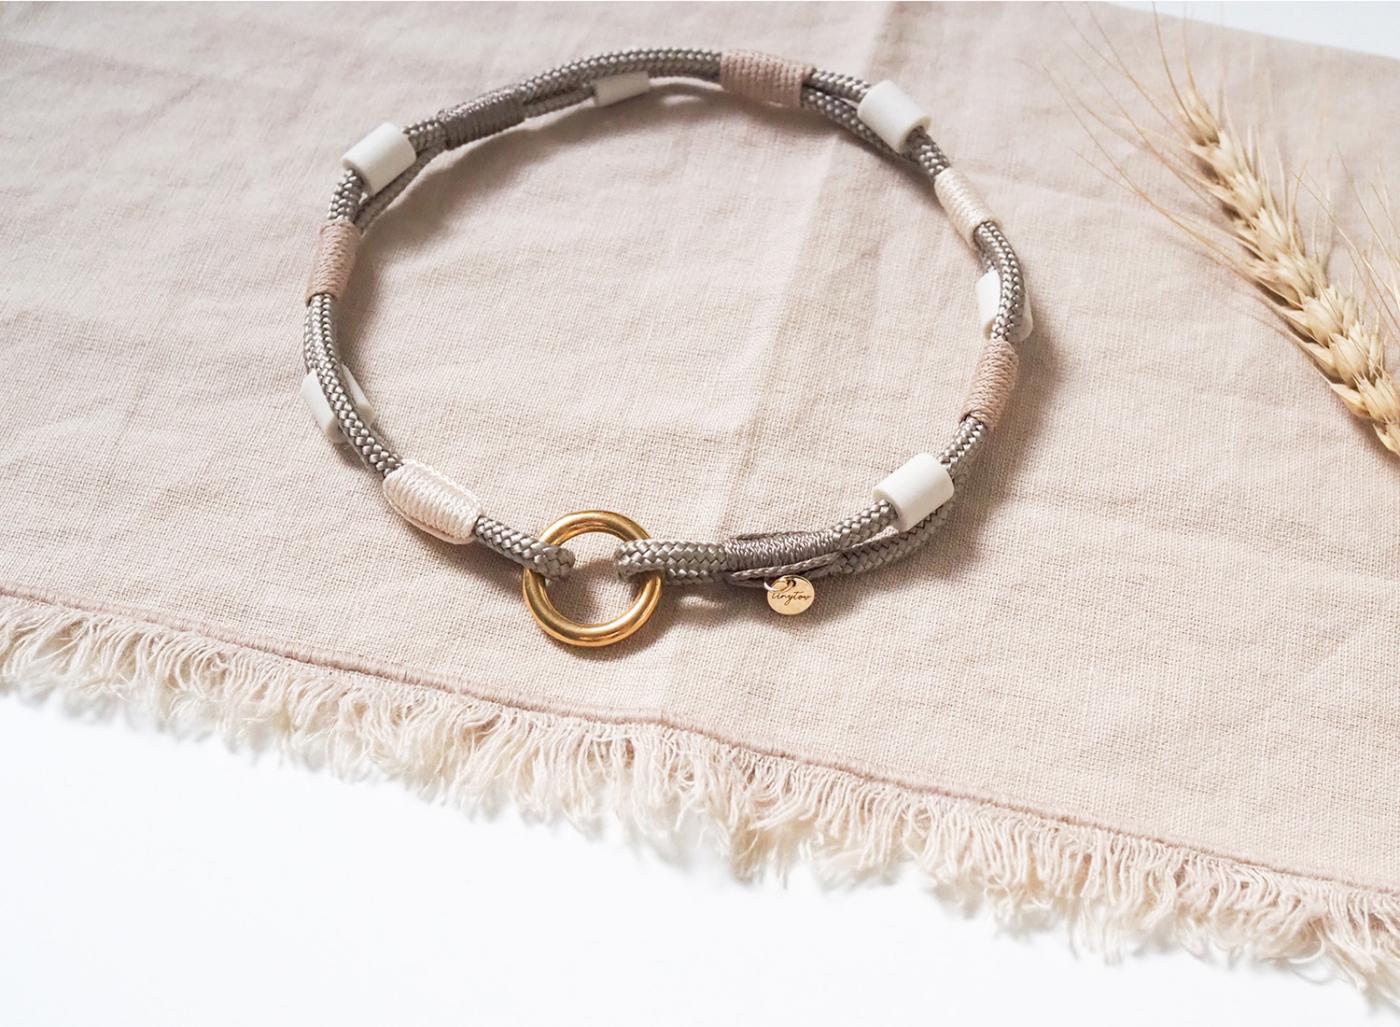 Anti-Zeckenband mit EM-Keramik Pipes aus Tau für deinen Hund in Tan, Beige und Gold.